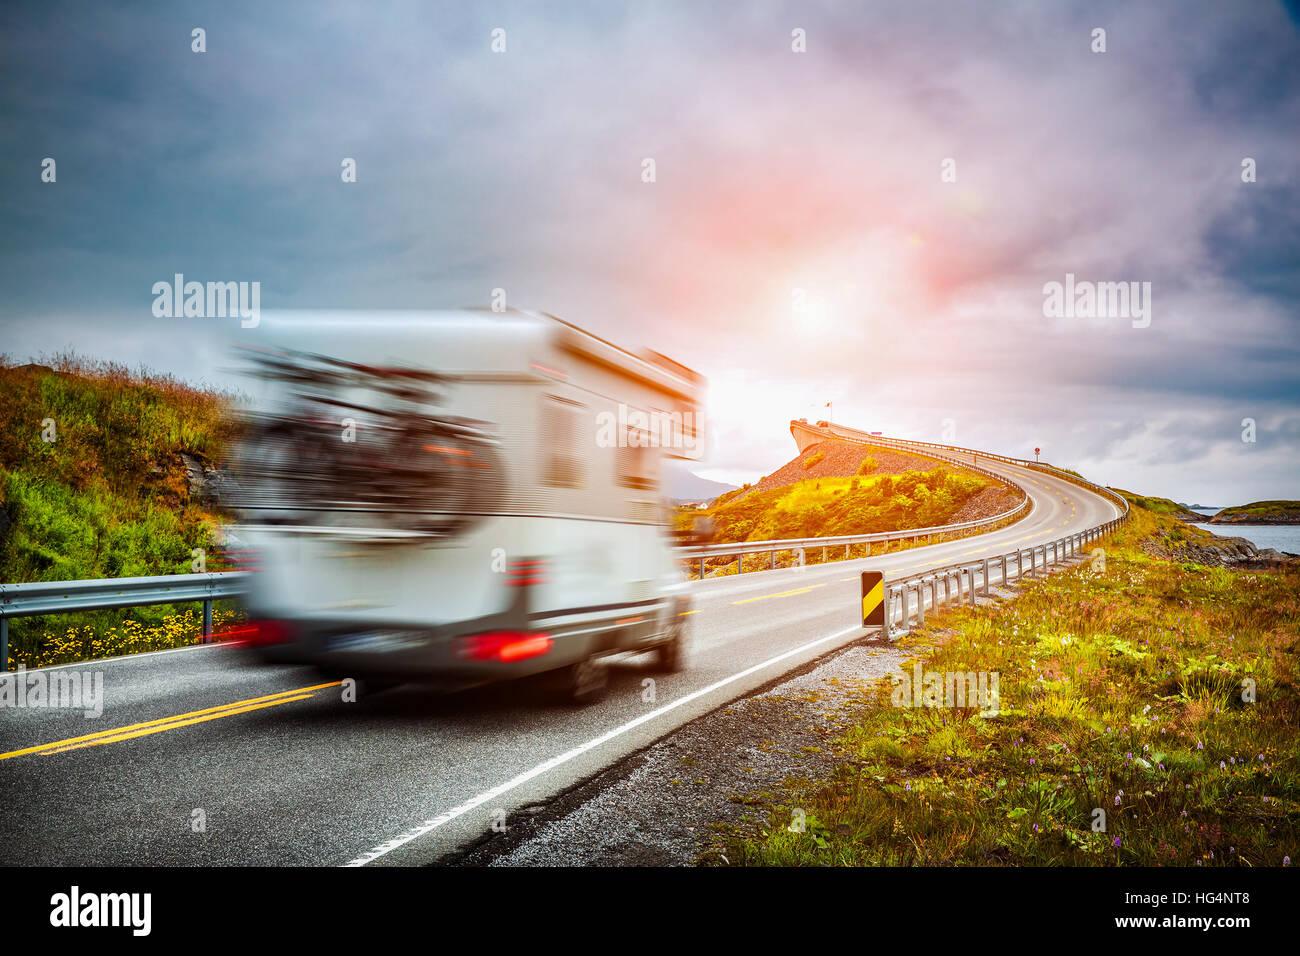 Coche caravana viaja por la autopista. Alquiler de caravanas en el desenfoque de movimiento. Noruega. Carretera Imagen De Stock